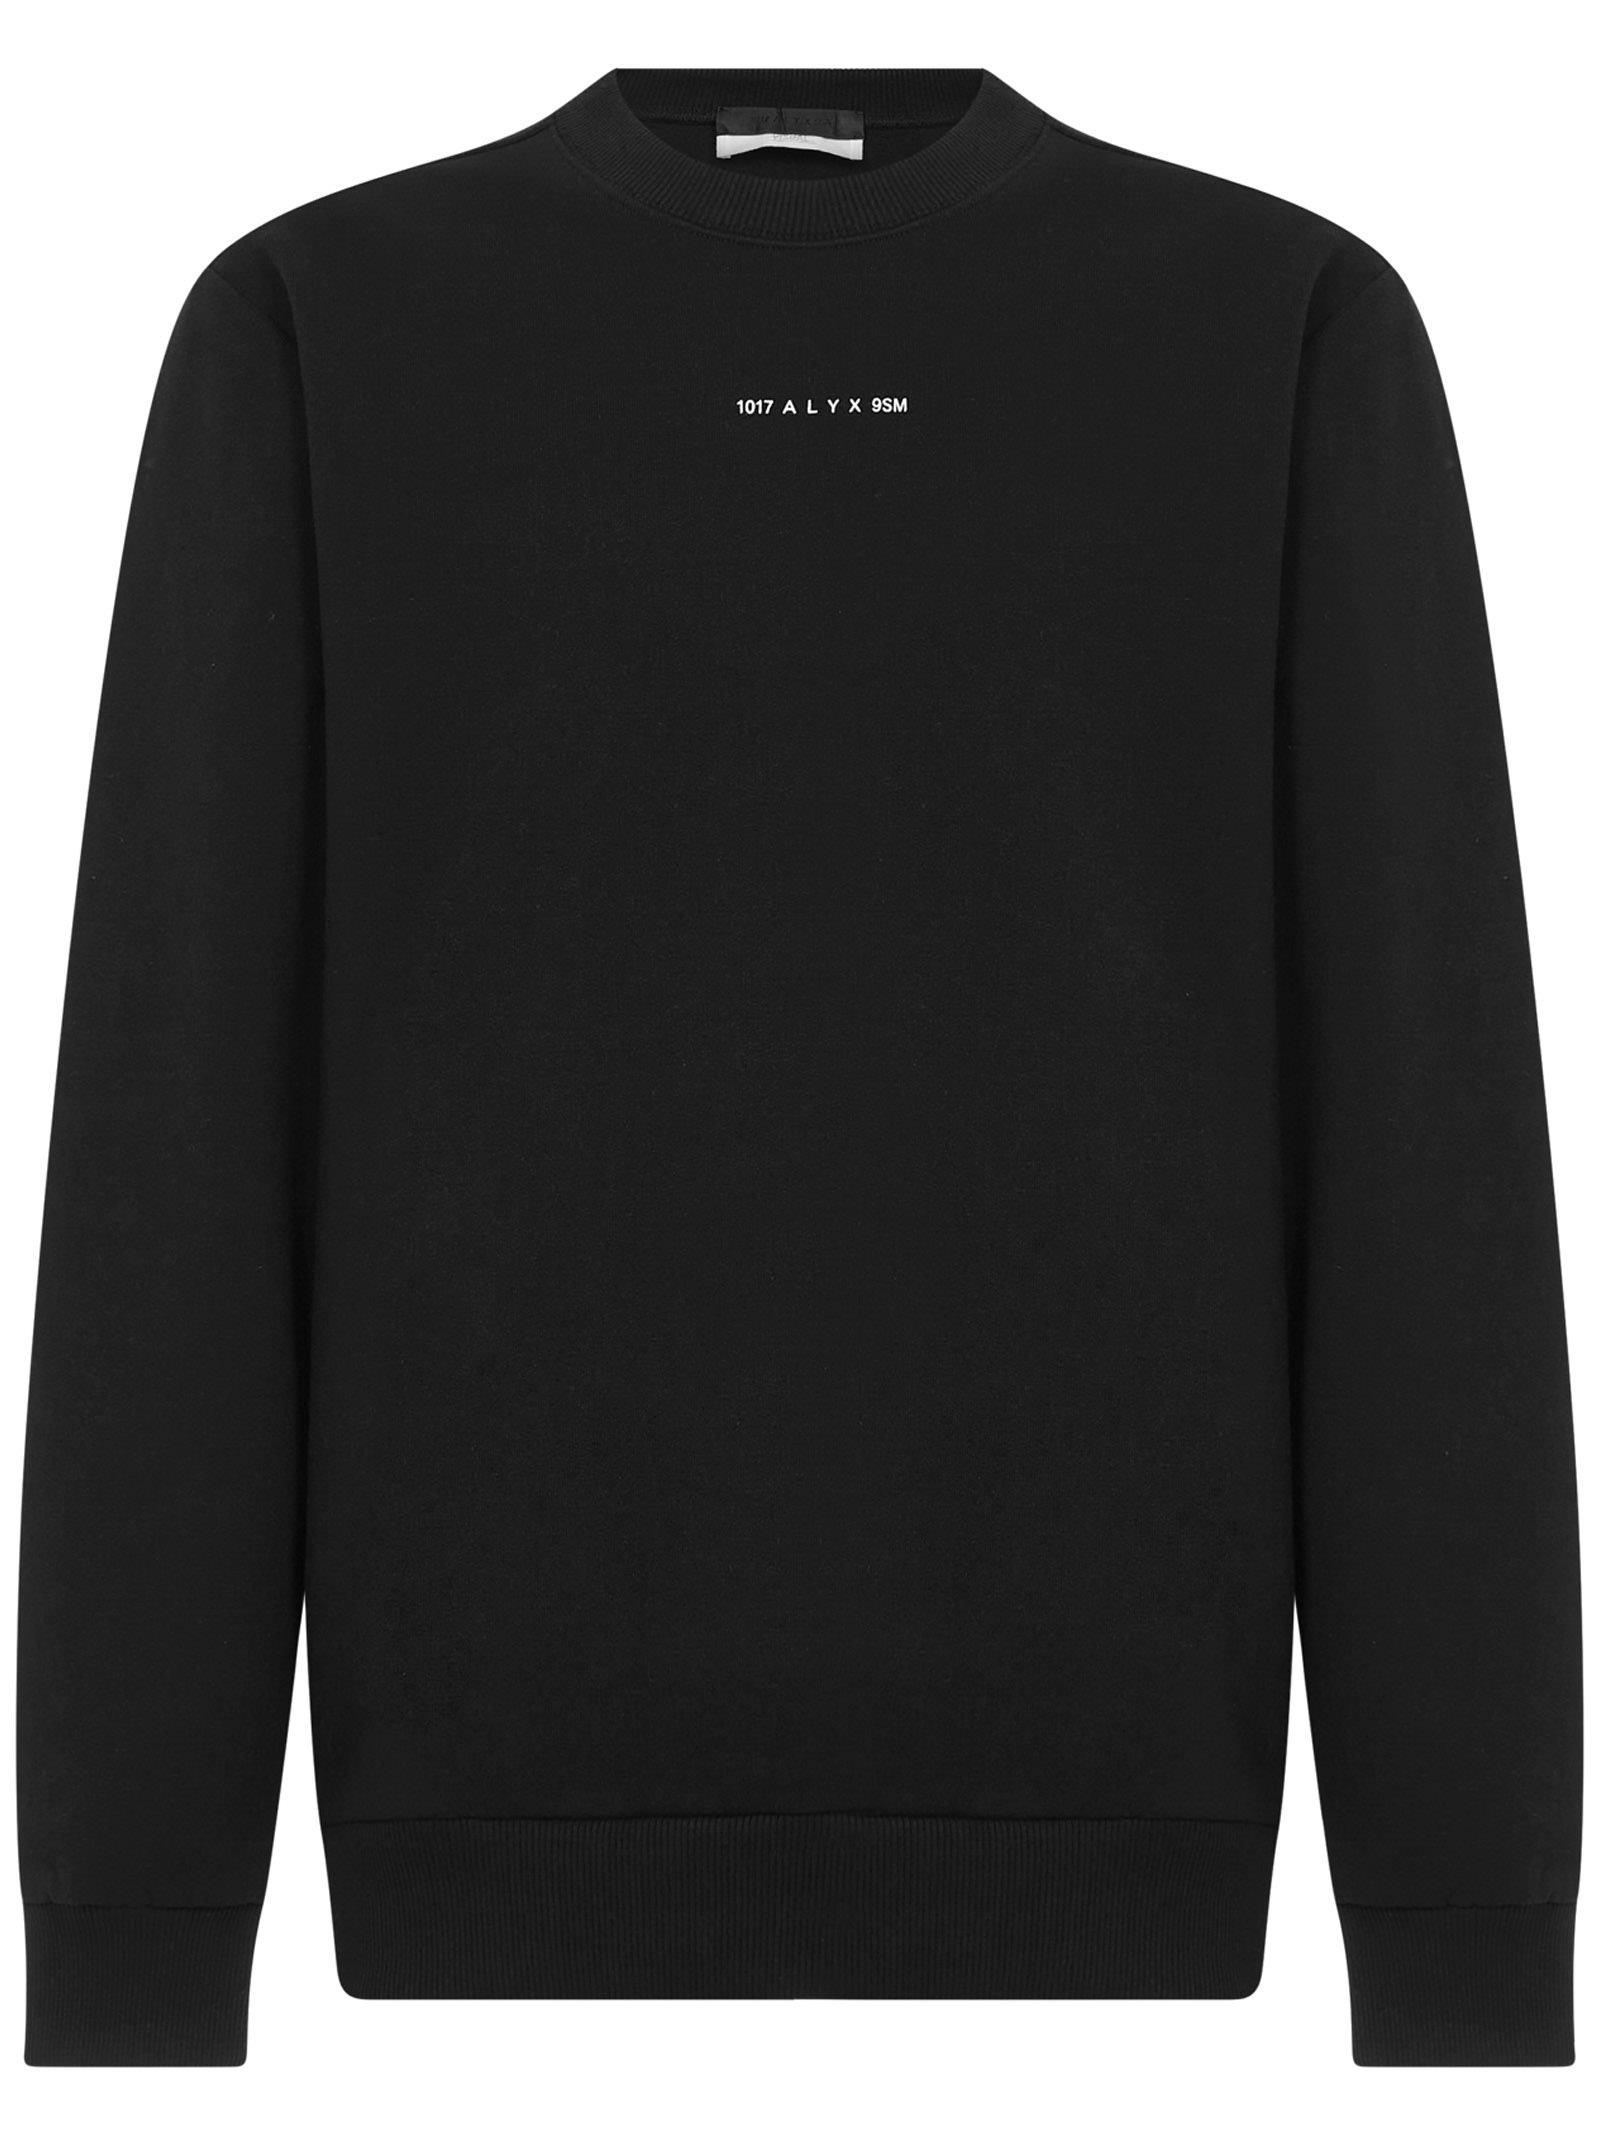 Sweatshirt Alyx